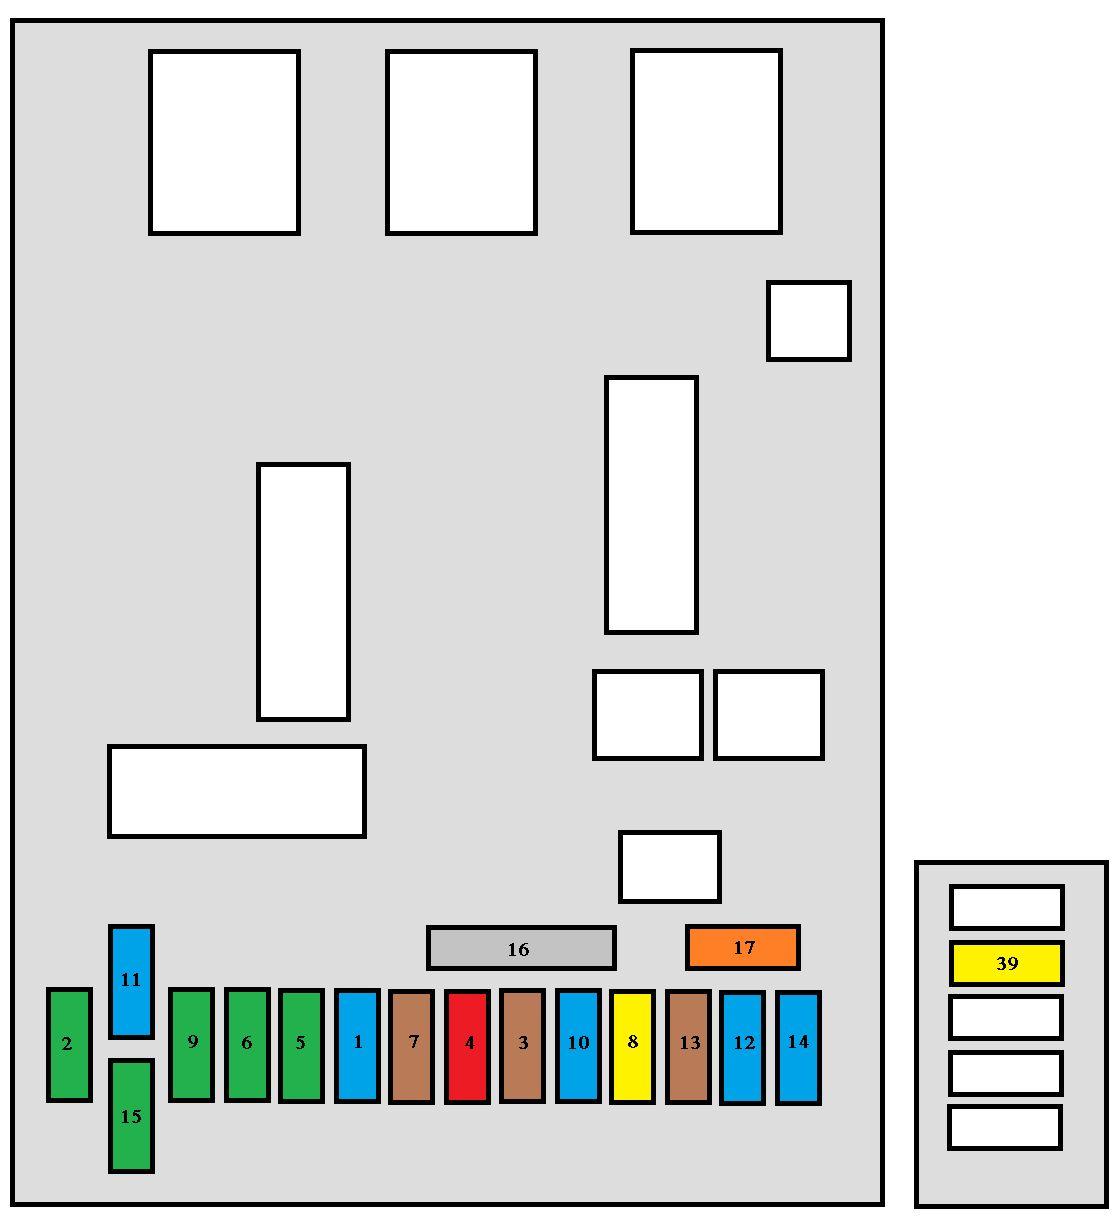 peugeot 307 fuse box for sale vtl eleventh hour it \u2022 Peugeot 308 GTI peugeot 307 fuse box pdf wiring diagrams rh 4 debreinpraktijk nl